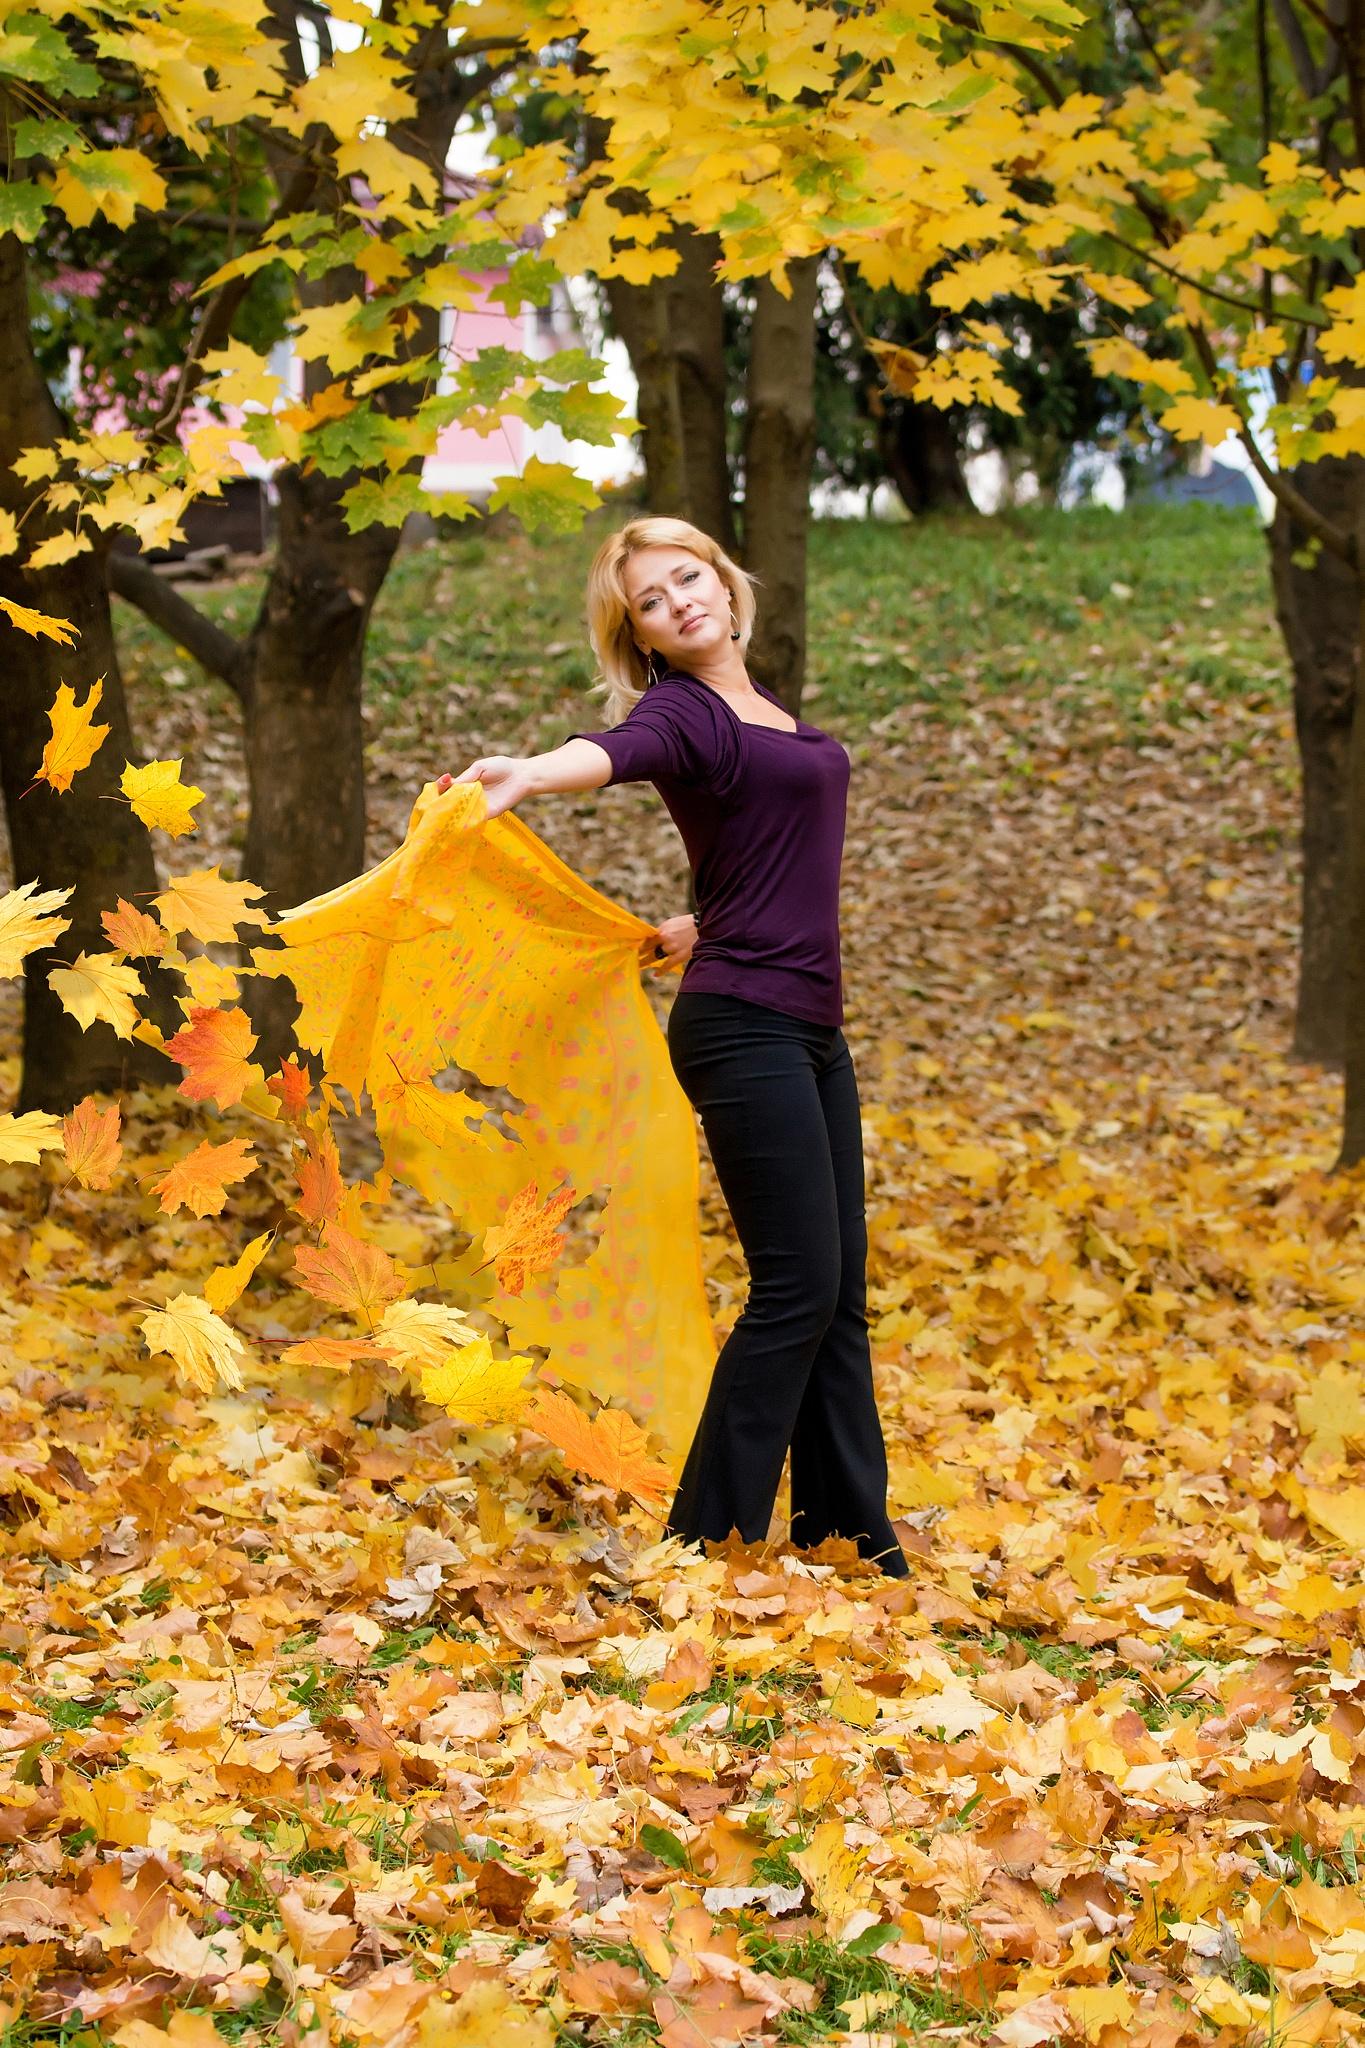 autumn fairy by Olena